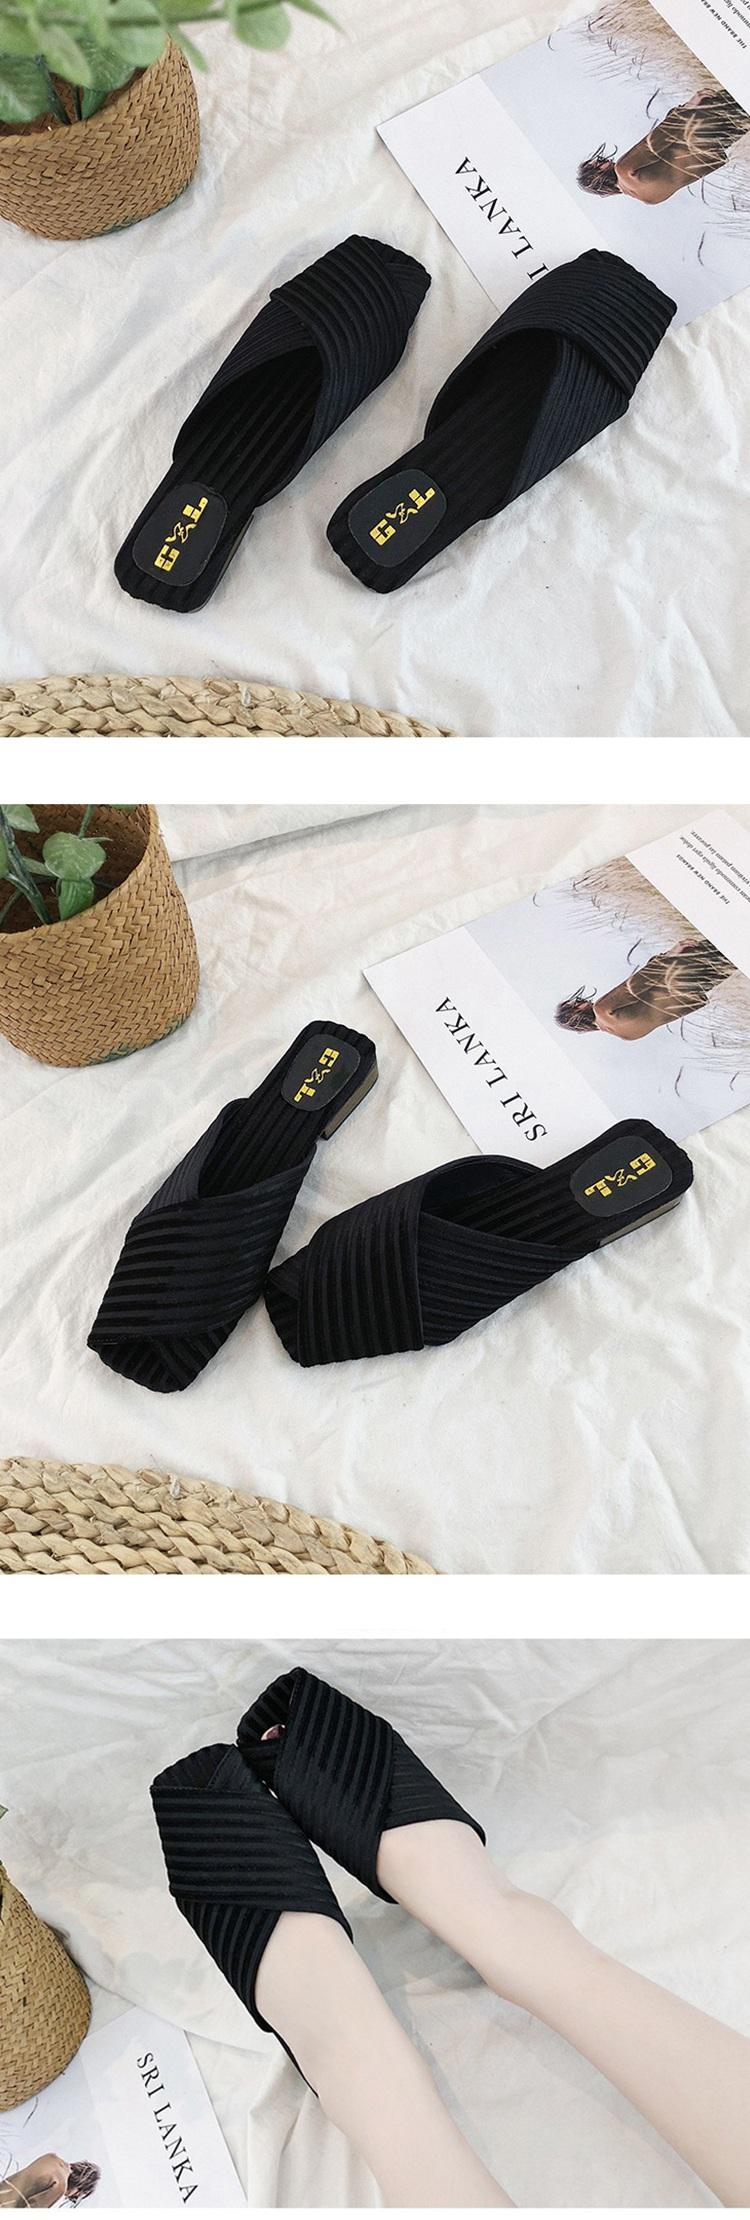 跨境-泰国-鞋